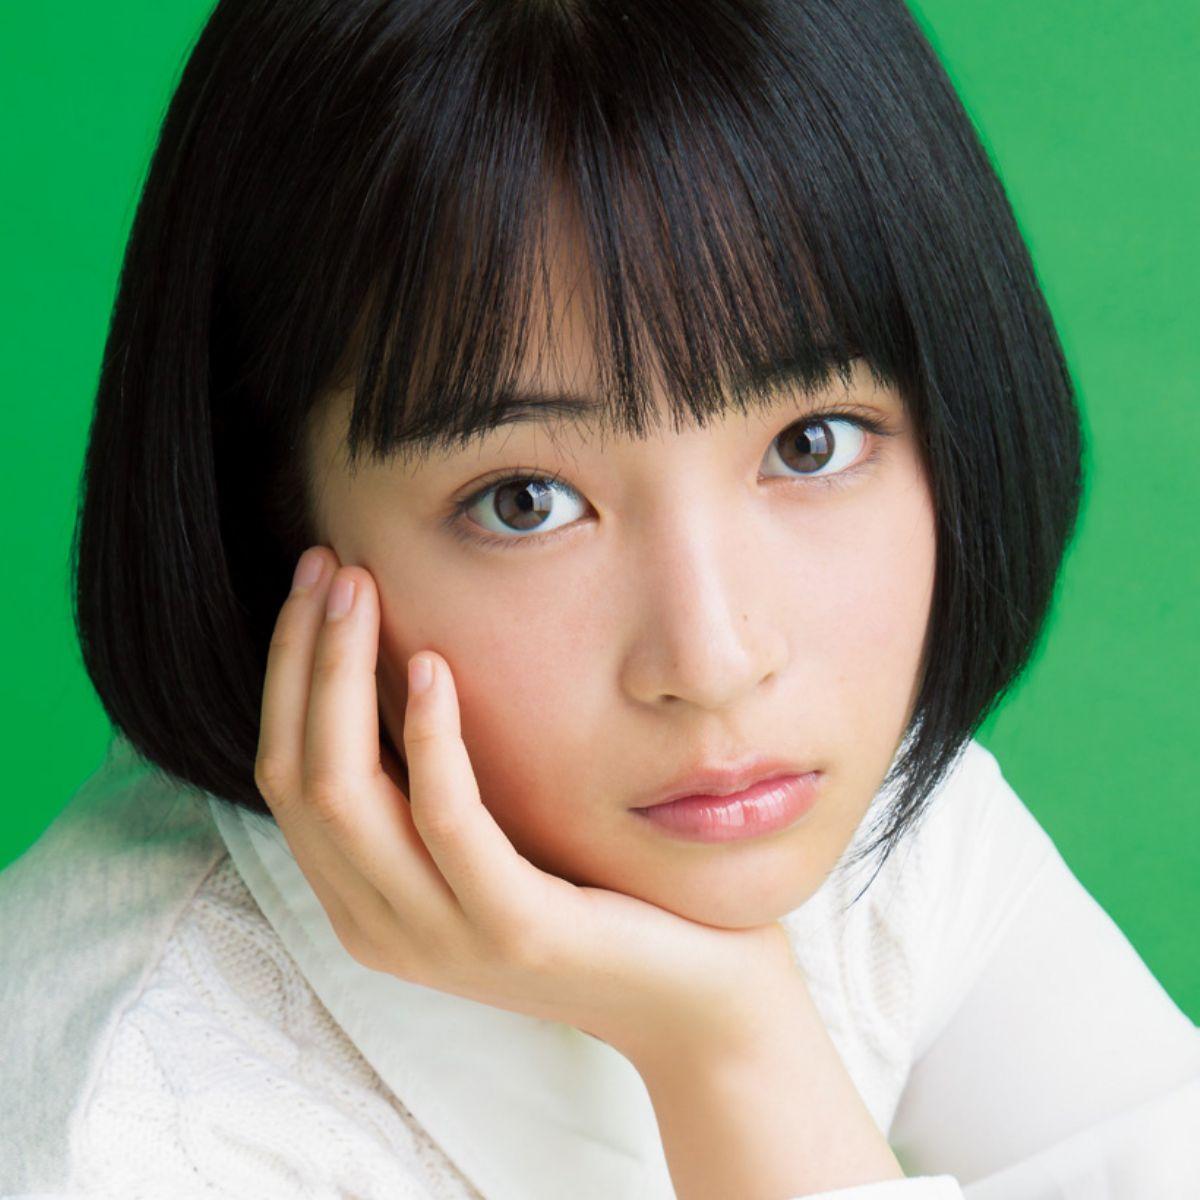 今大人気の女優・広瀬すずさんの初ロングヘアについてまとめます!のサムネイル画像